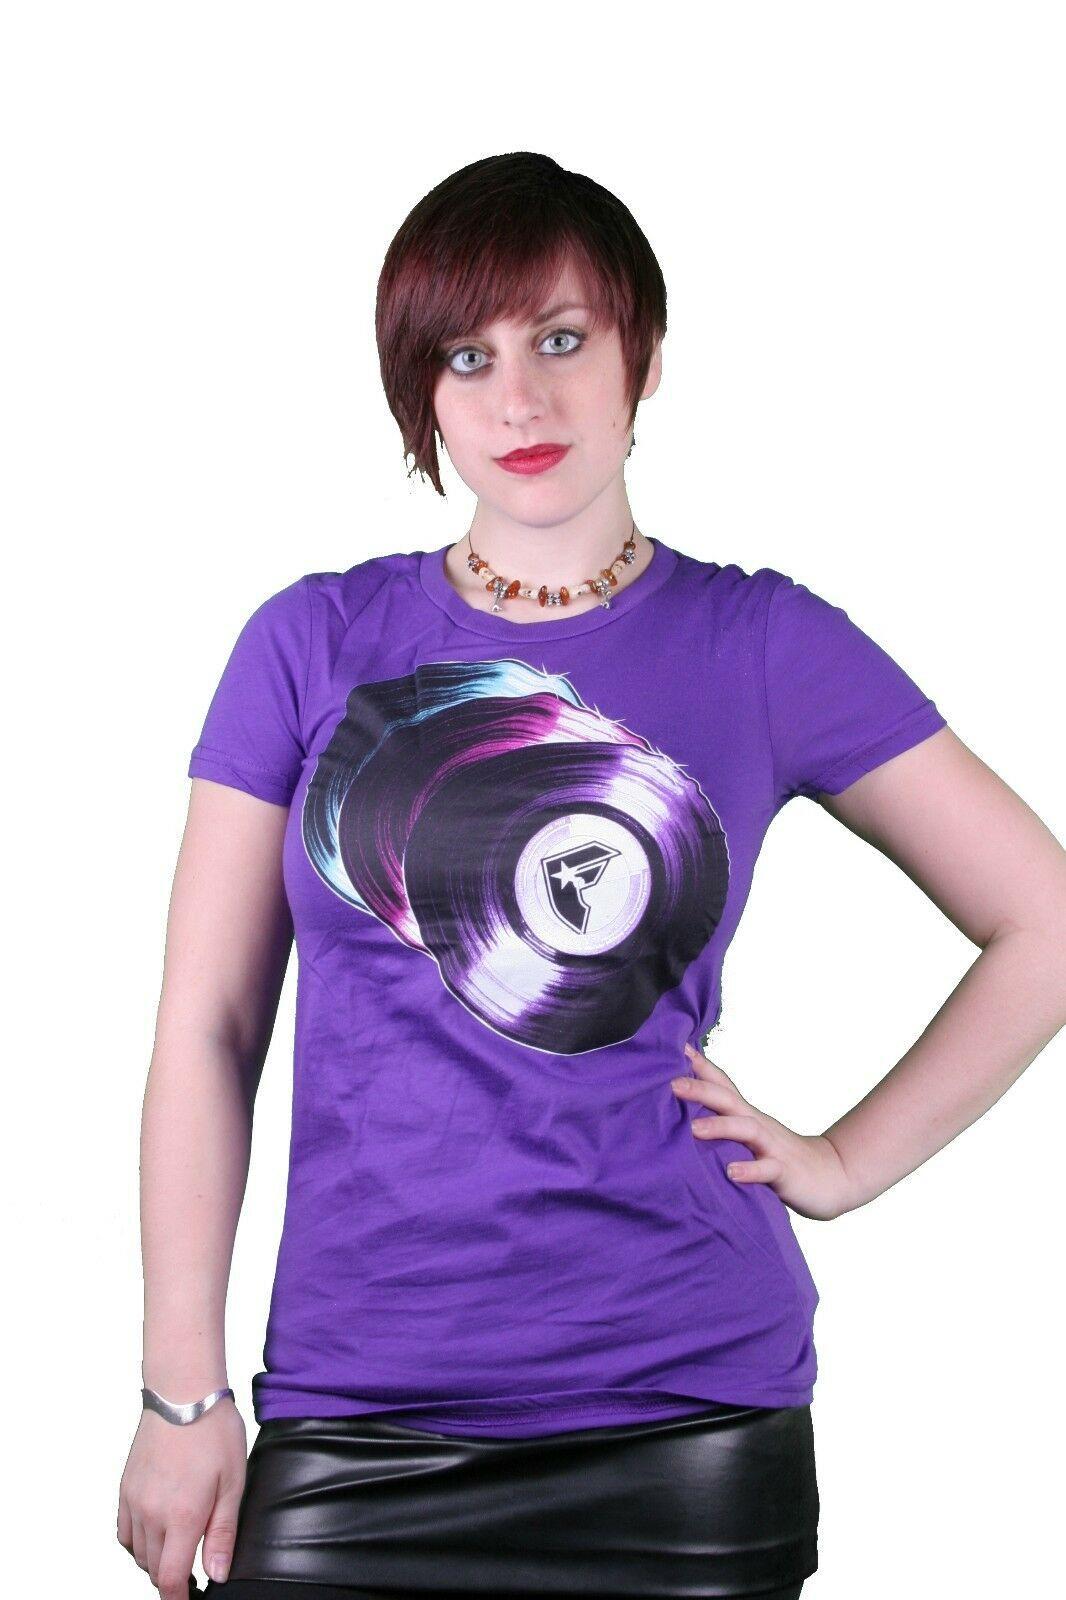 Berühmt Stars & Riemen Violett & Schwarz Junior Disco Rundhals T-Shirt Baumwolle